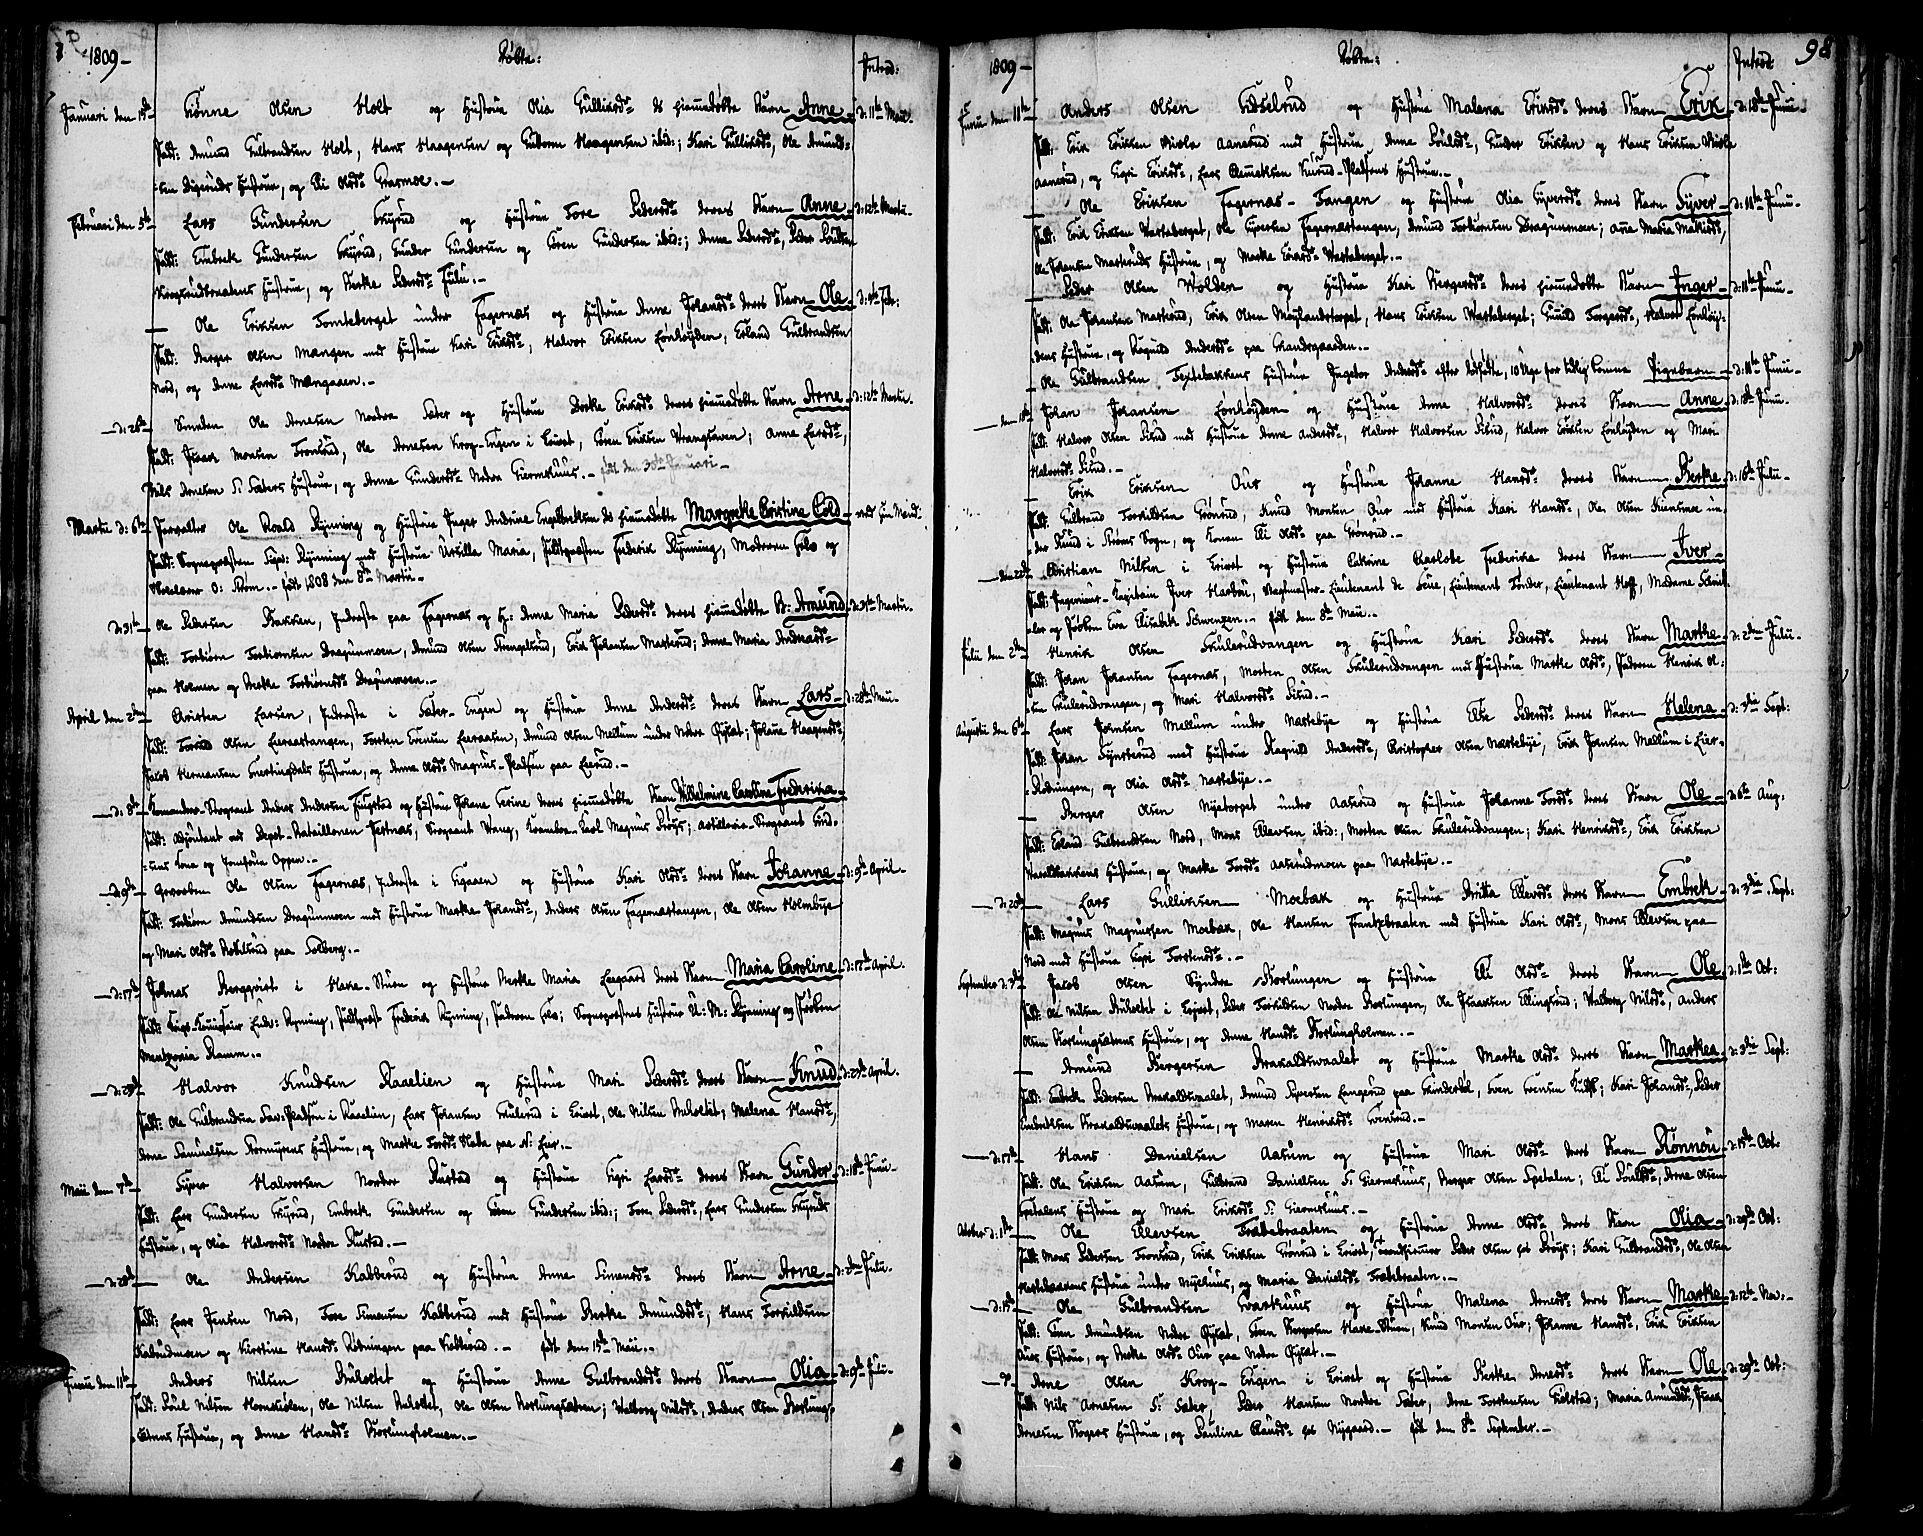 SAH, Vinger prestekontor, Ministerialbok nr. 5, 1772-1813, s. 98